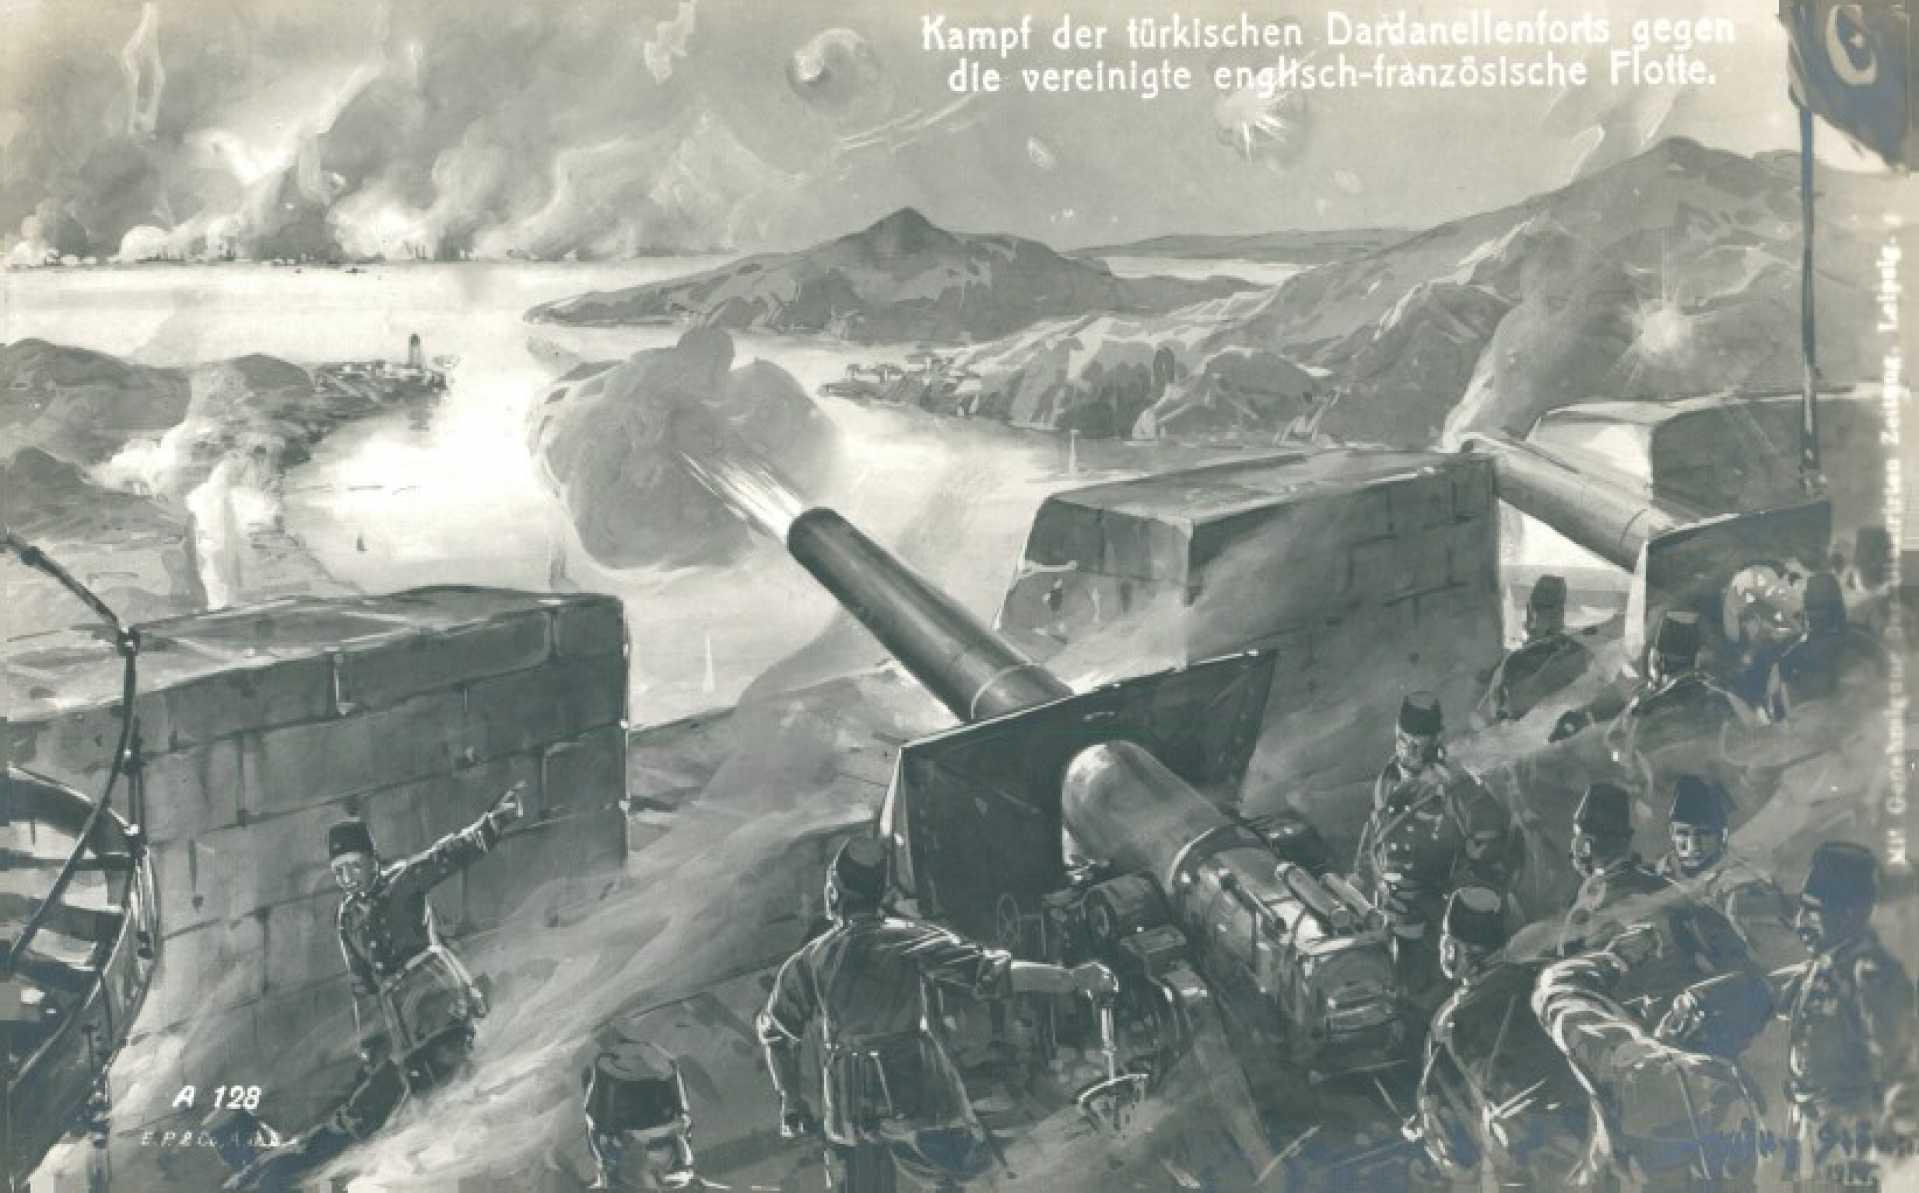 Kampf der türkischen Dardanellenforts gegen die vereinigte englisch-französische Flotte